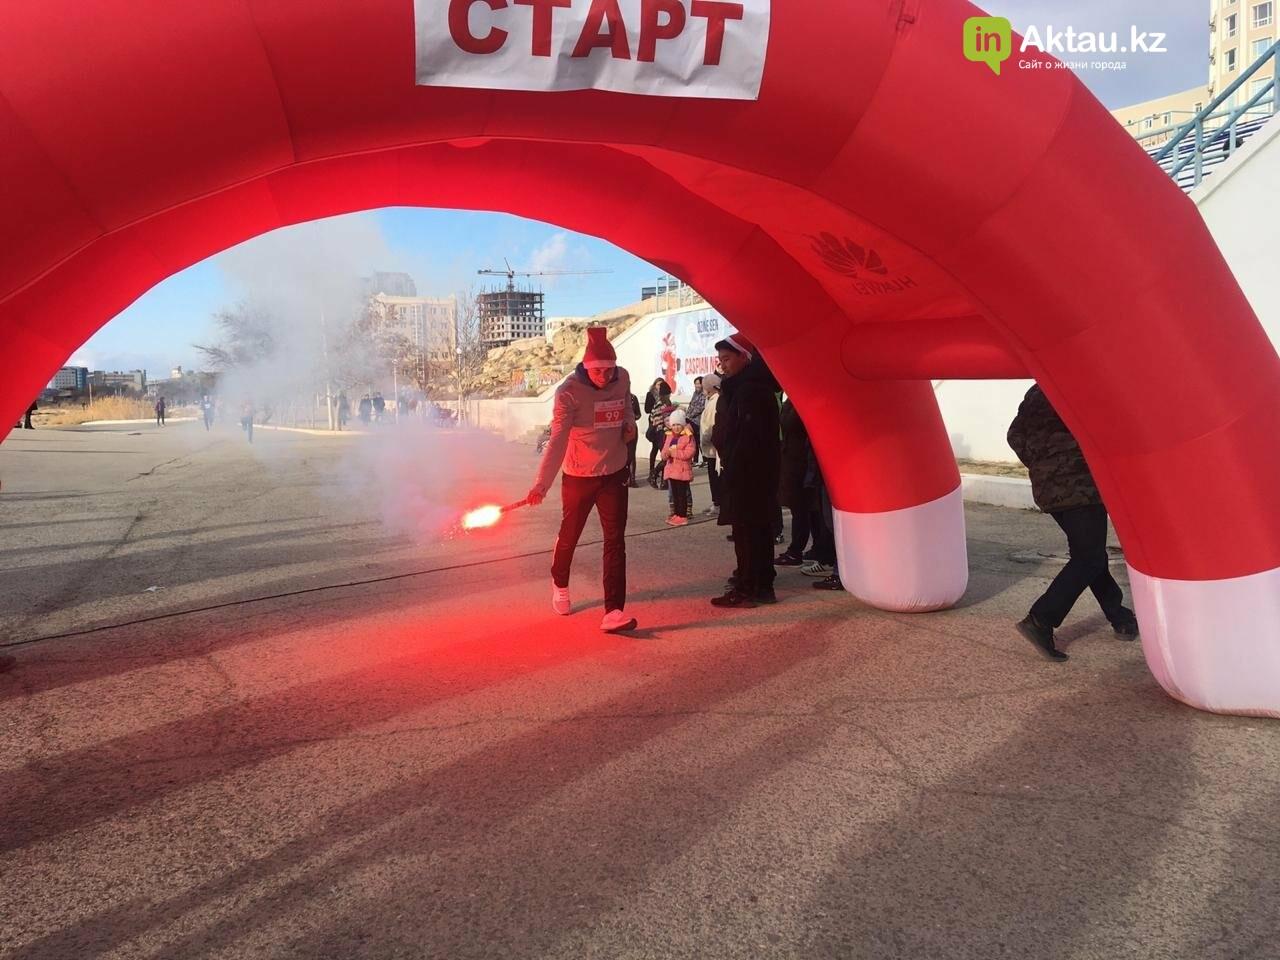 Новогодний забег Дедов Морозов прошел в Актау, фото-5